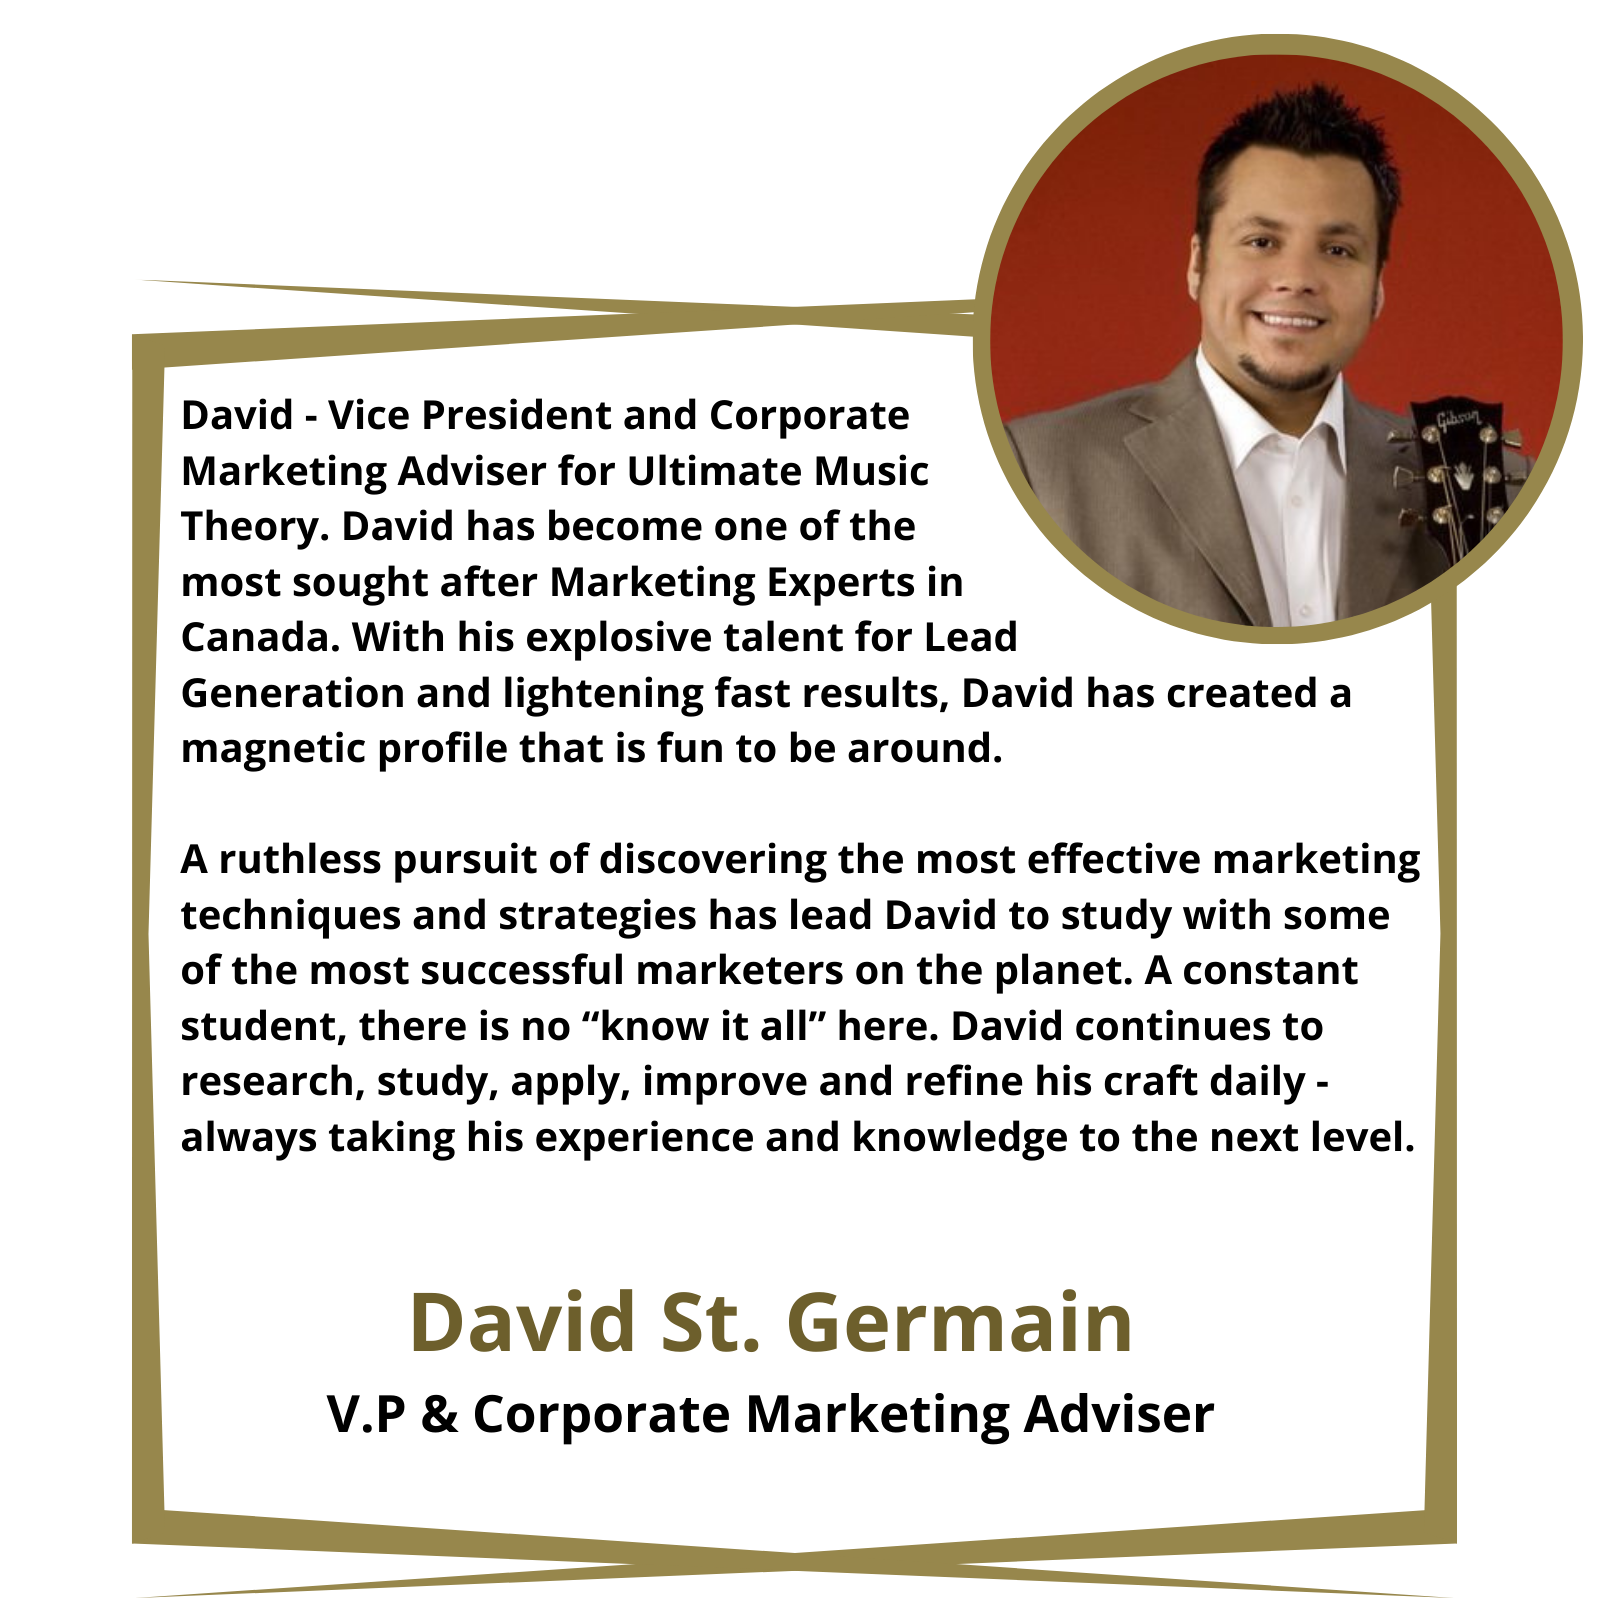 7 - David St. Germain